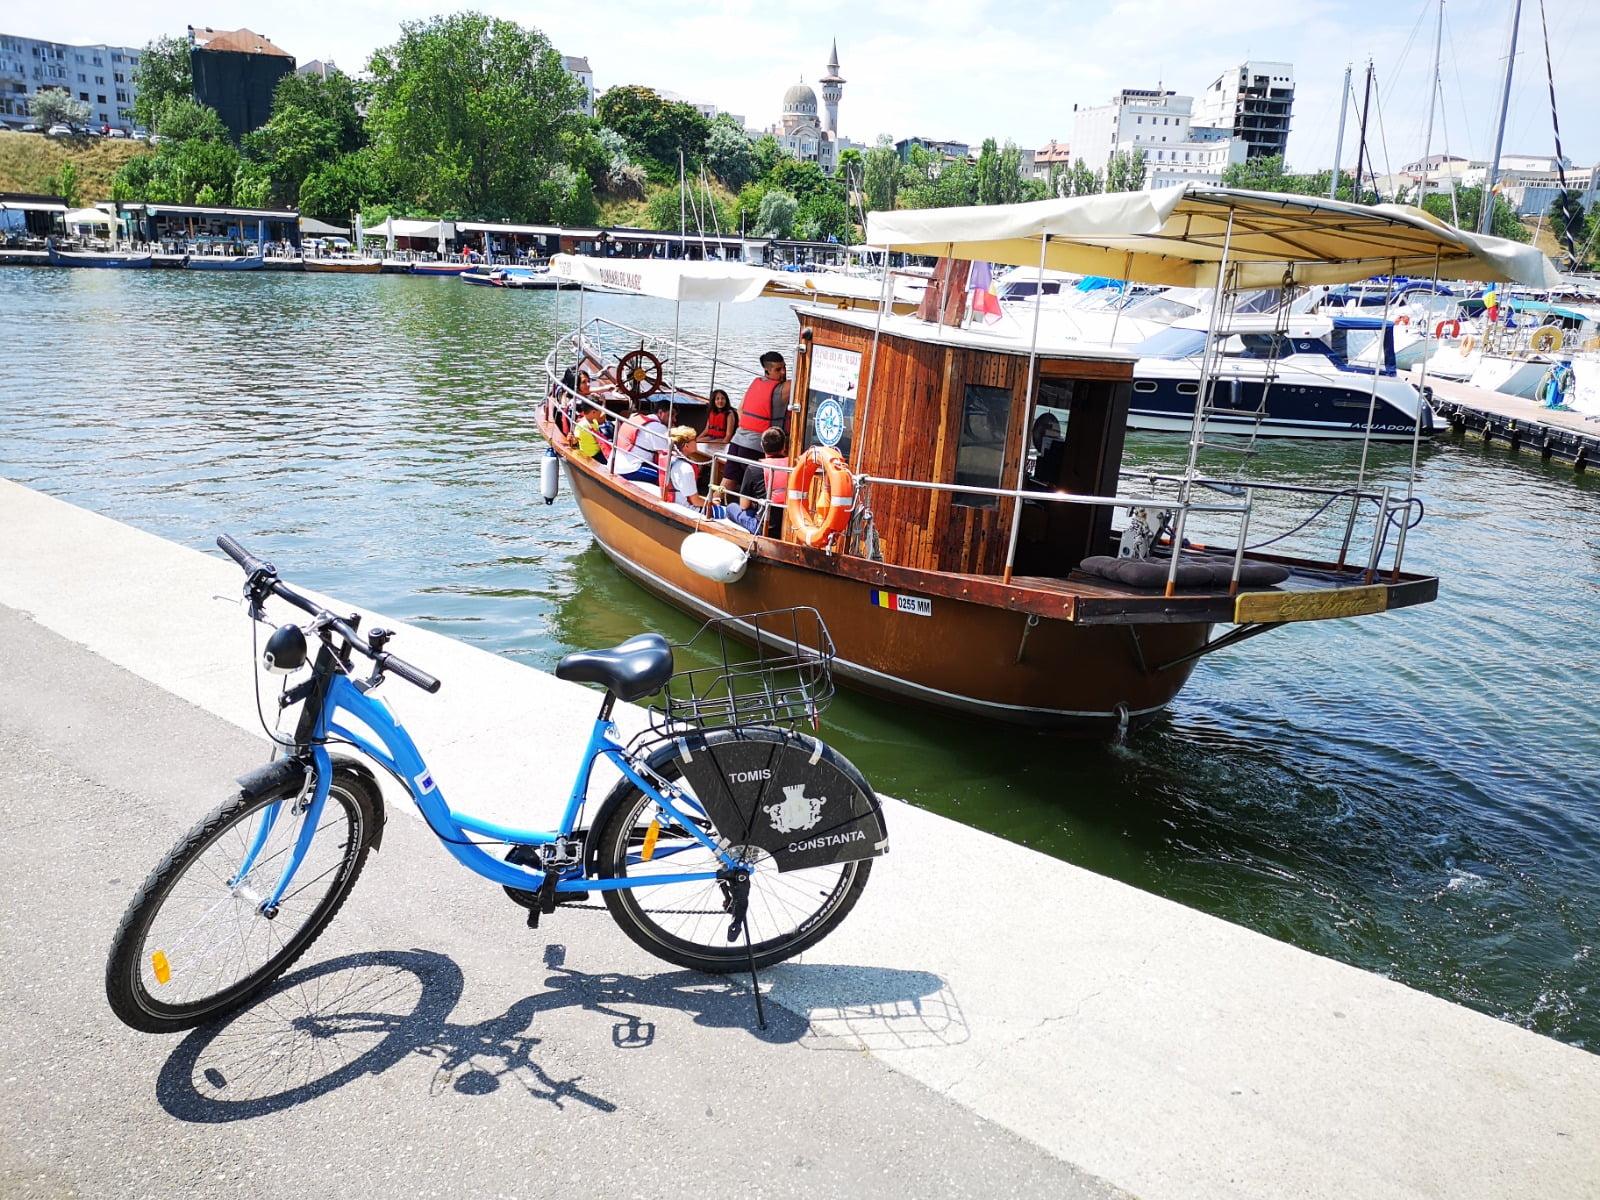 biciclete 2